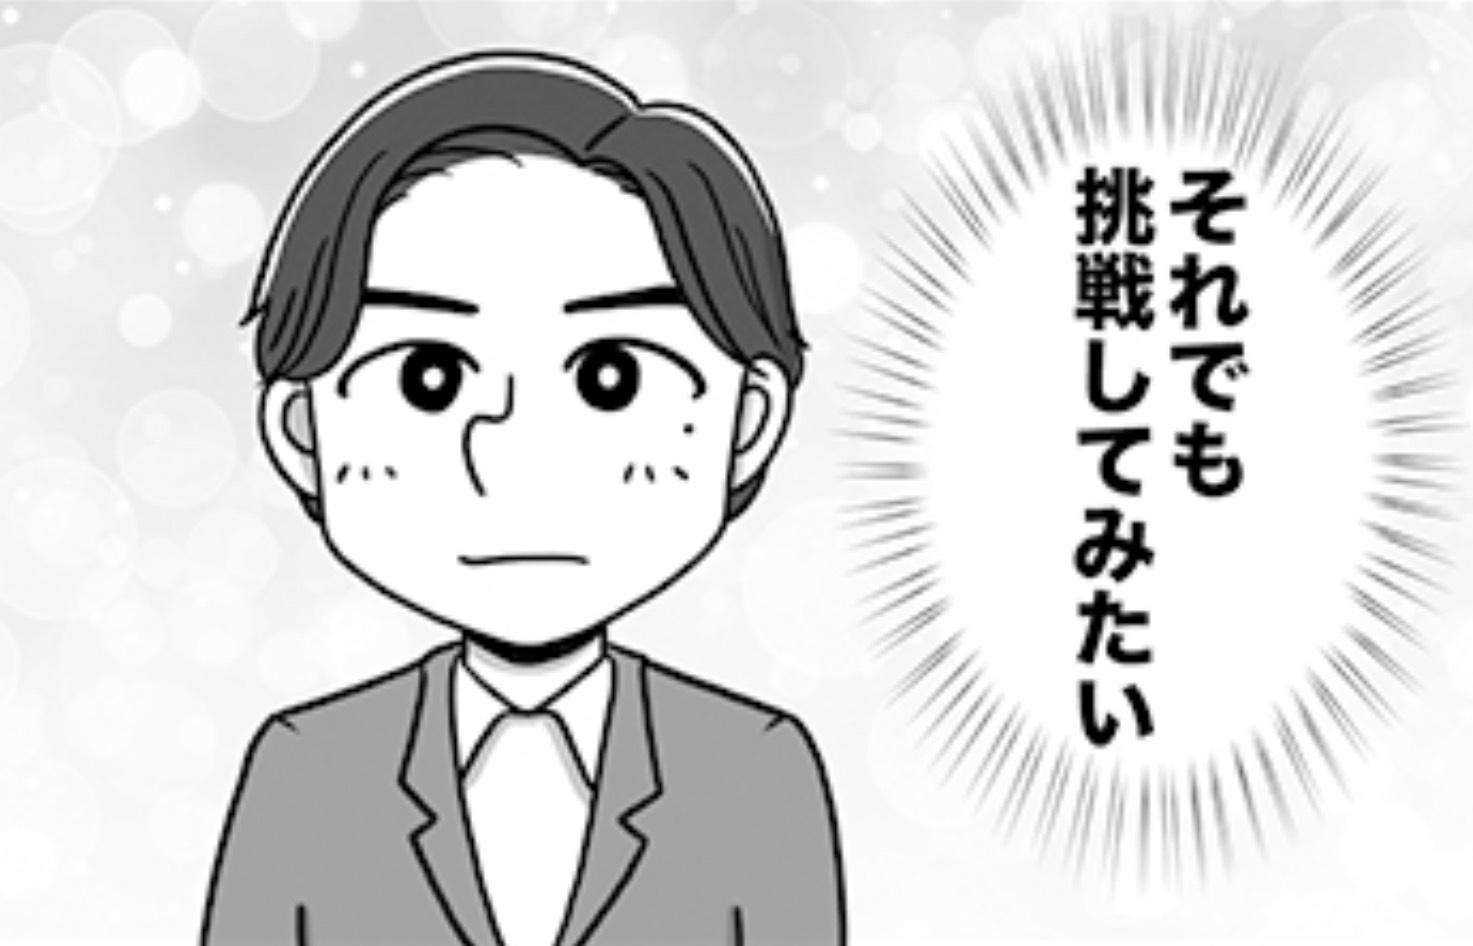 リクルートキャリア様社内報挿絵